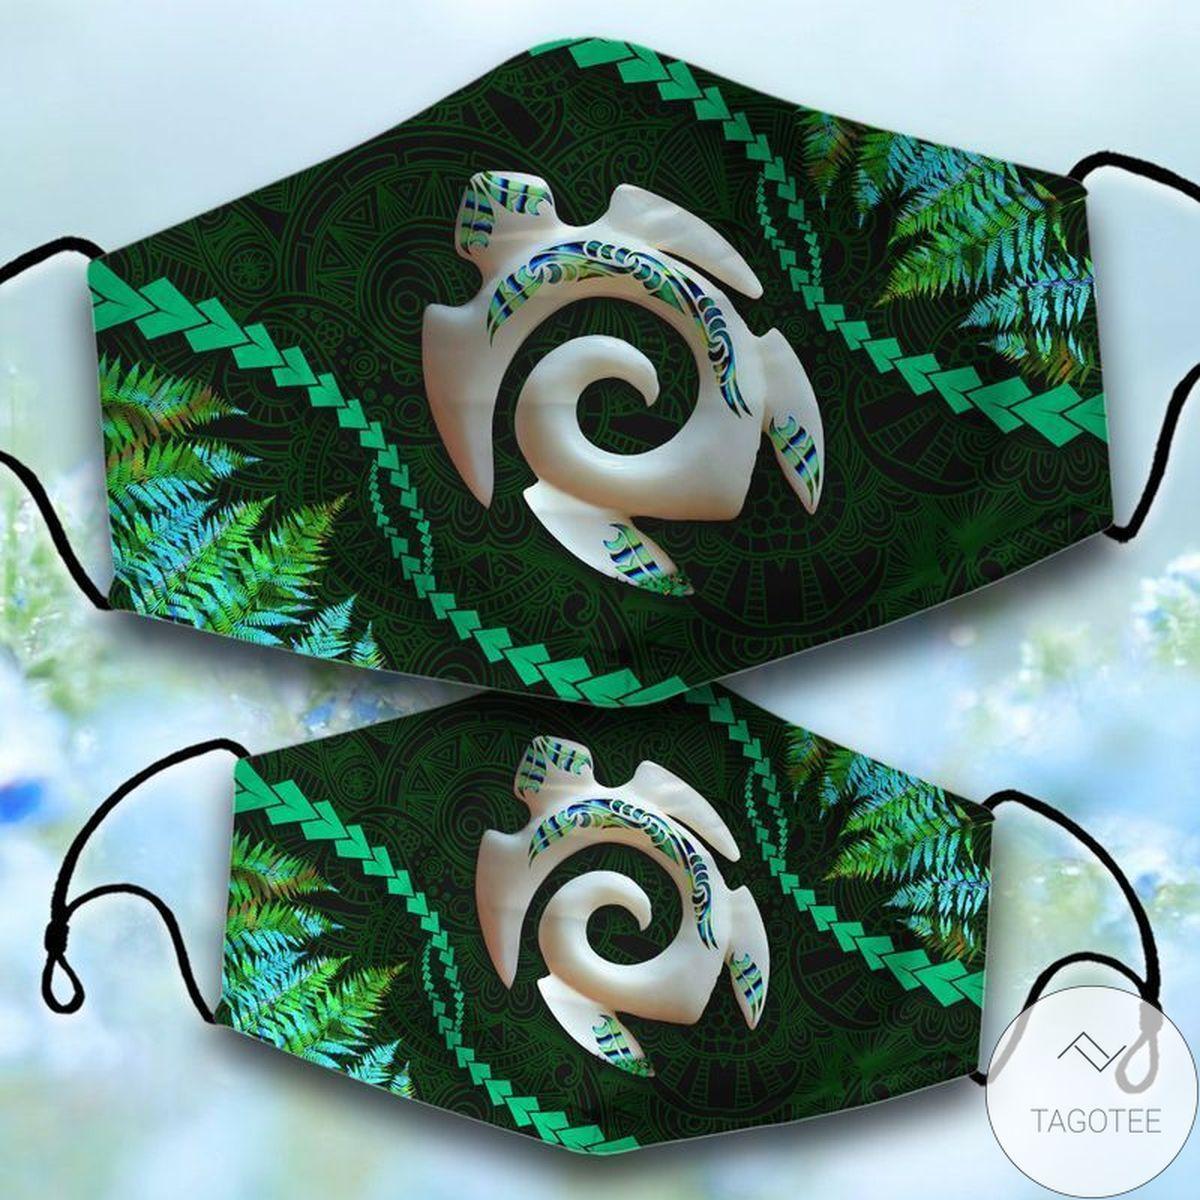 Manaia Turtle Face Mask